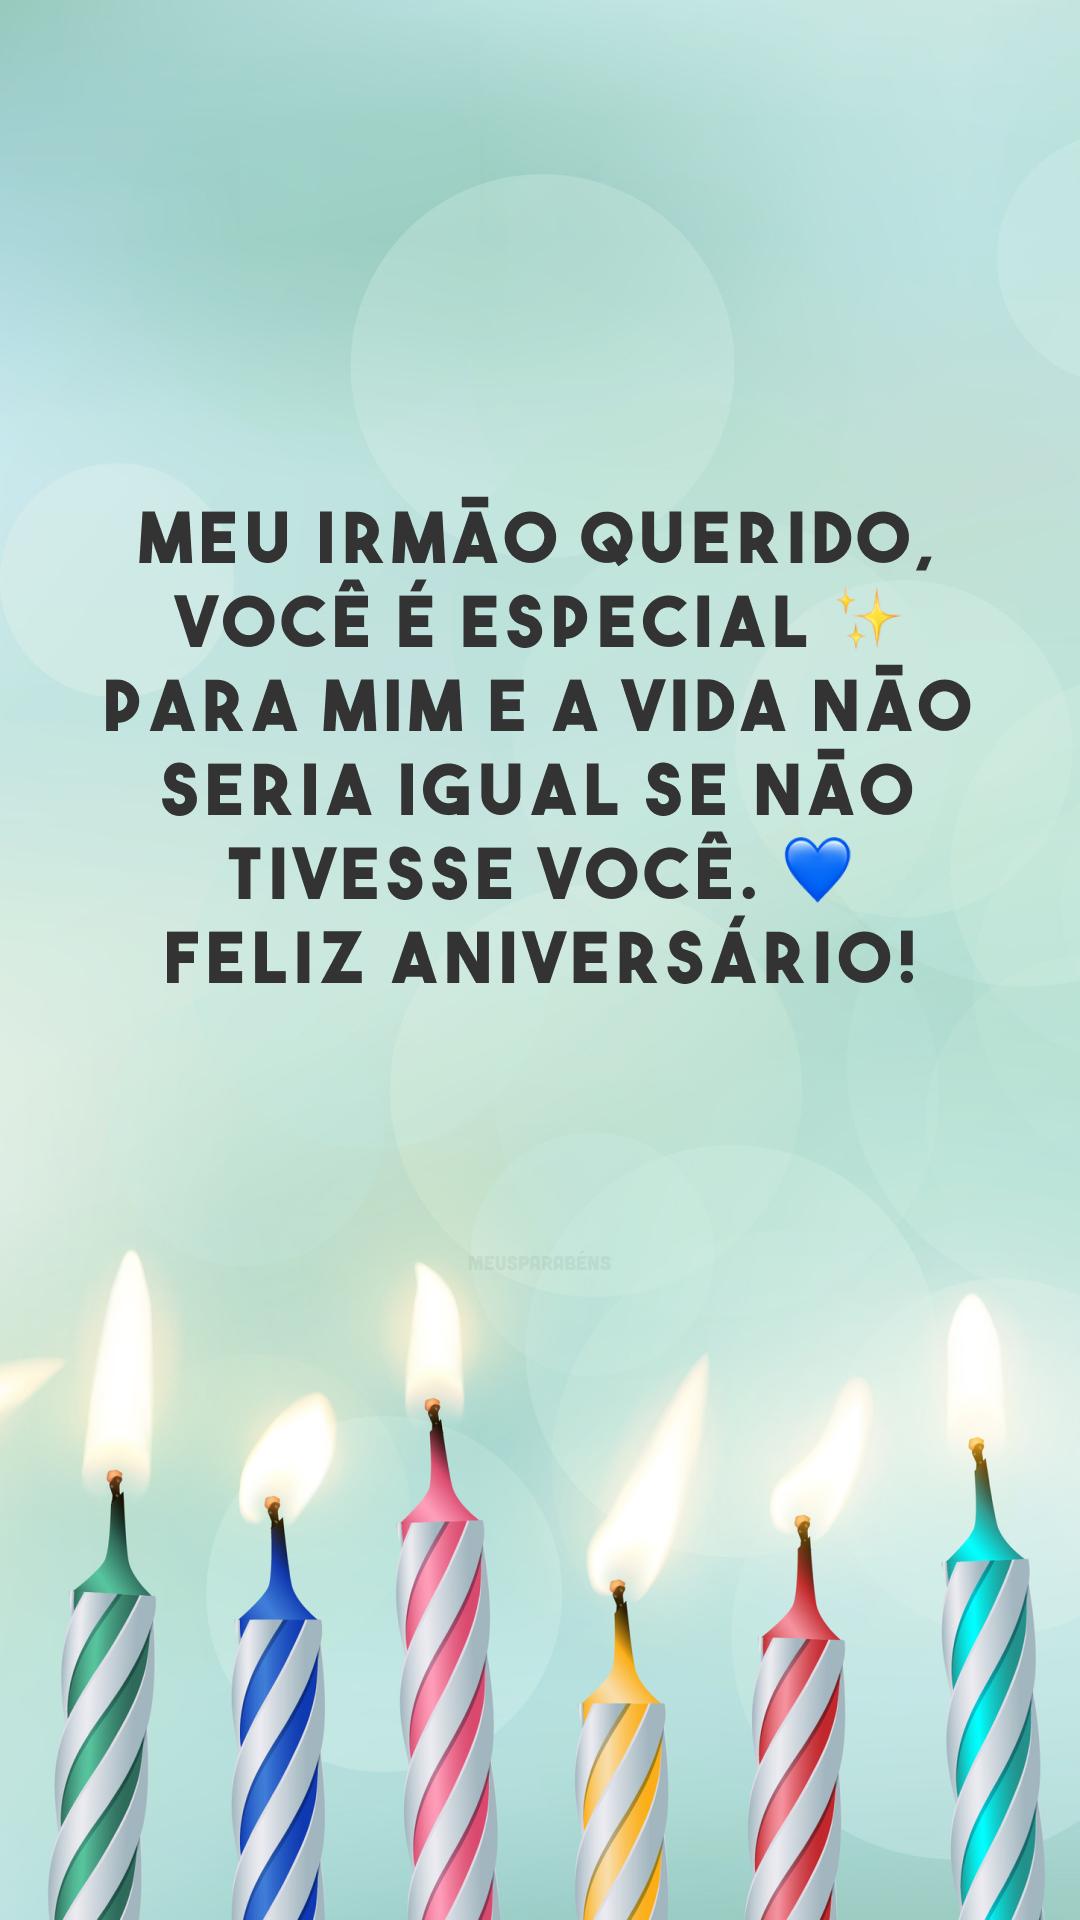 Meu irmão querido, você é especial ✨ para mim e a vida não seria igual se não tivesse você. 💙 Feliz aniversário!